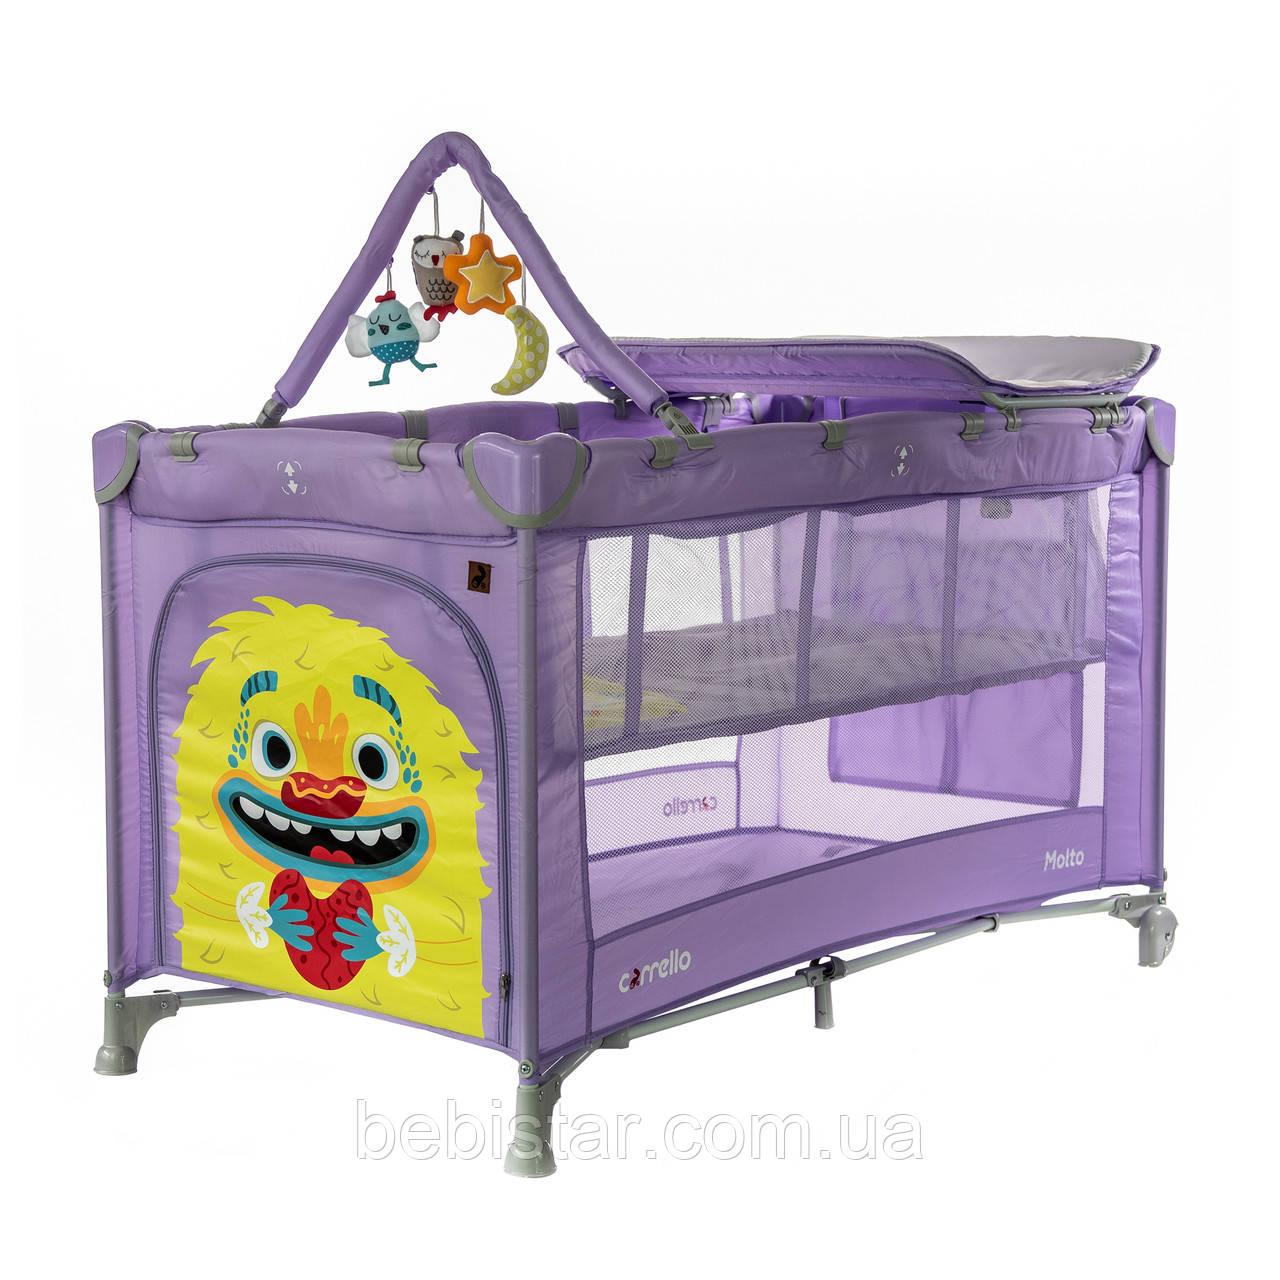 Дитячий манеж-ліжко фіолетовий з колискою і пеленальним столиком CARRELLO Molto CRL-11604 Orchid Purple